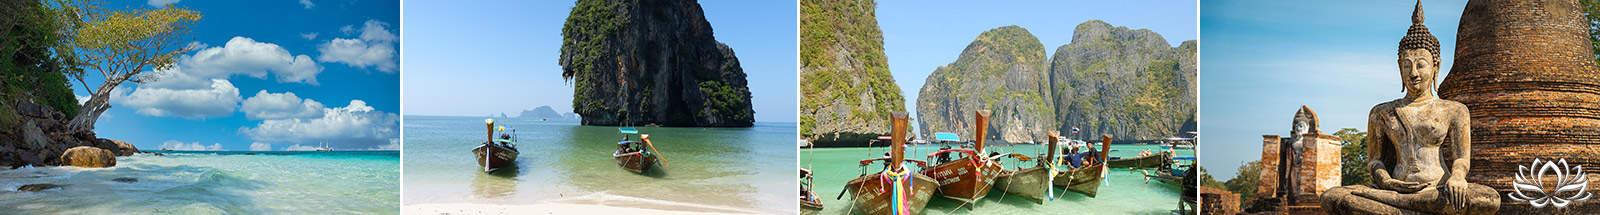 location Thaïlande à l'année, vivre en Thaïlande, expat, expatsiam, siamexpat